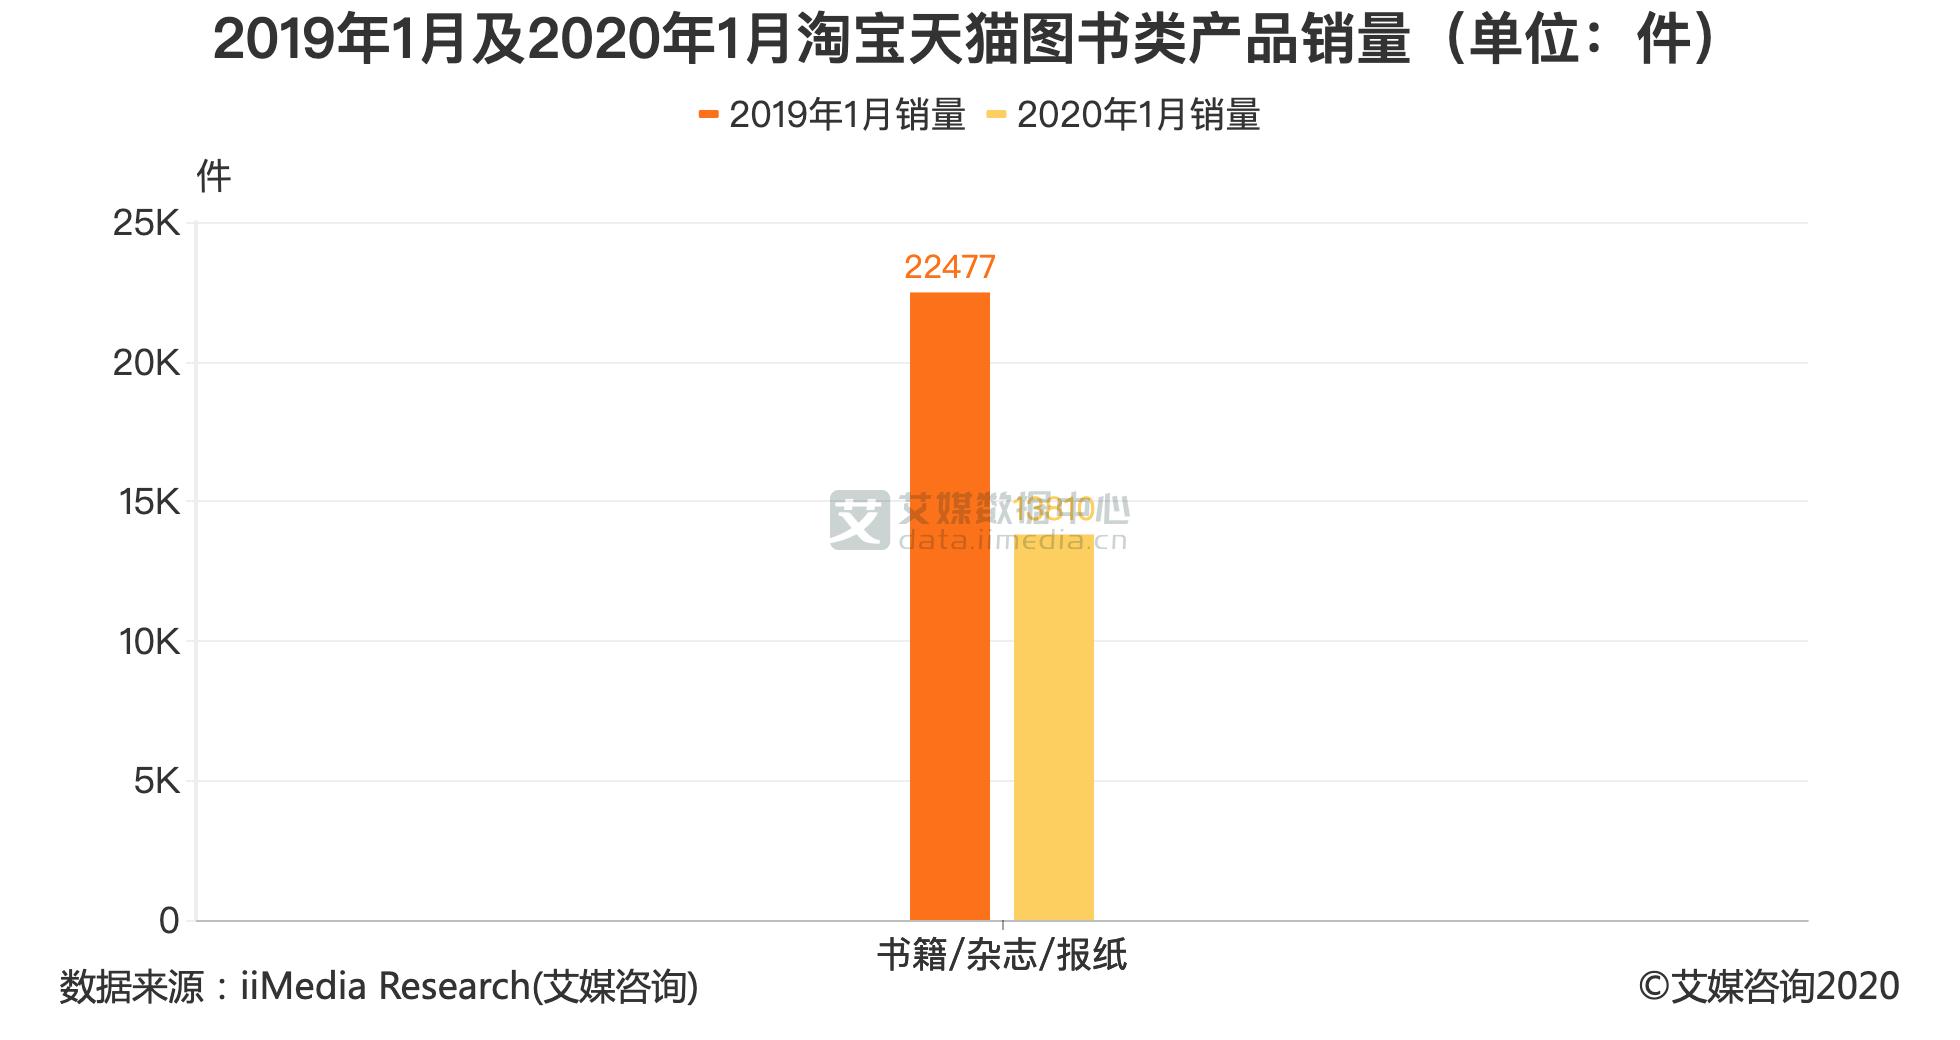 2019年1月及2020年1月淘宝天猫图书类产品销量(单位:件)